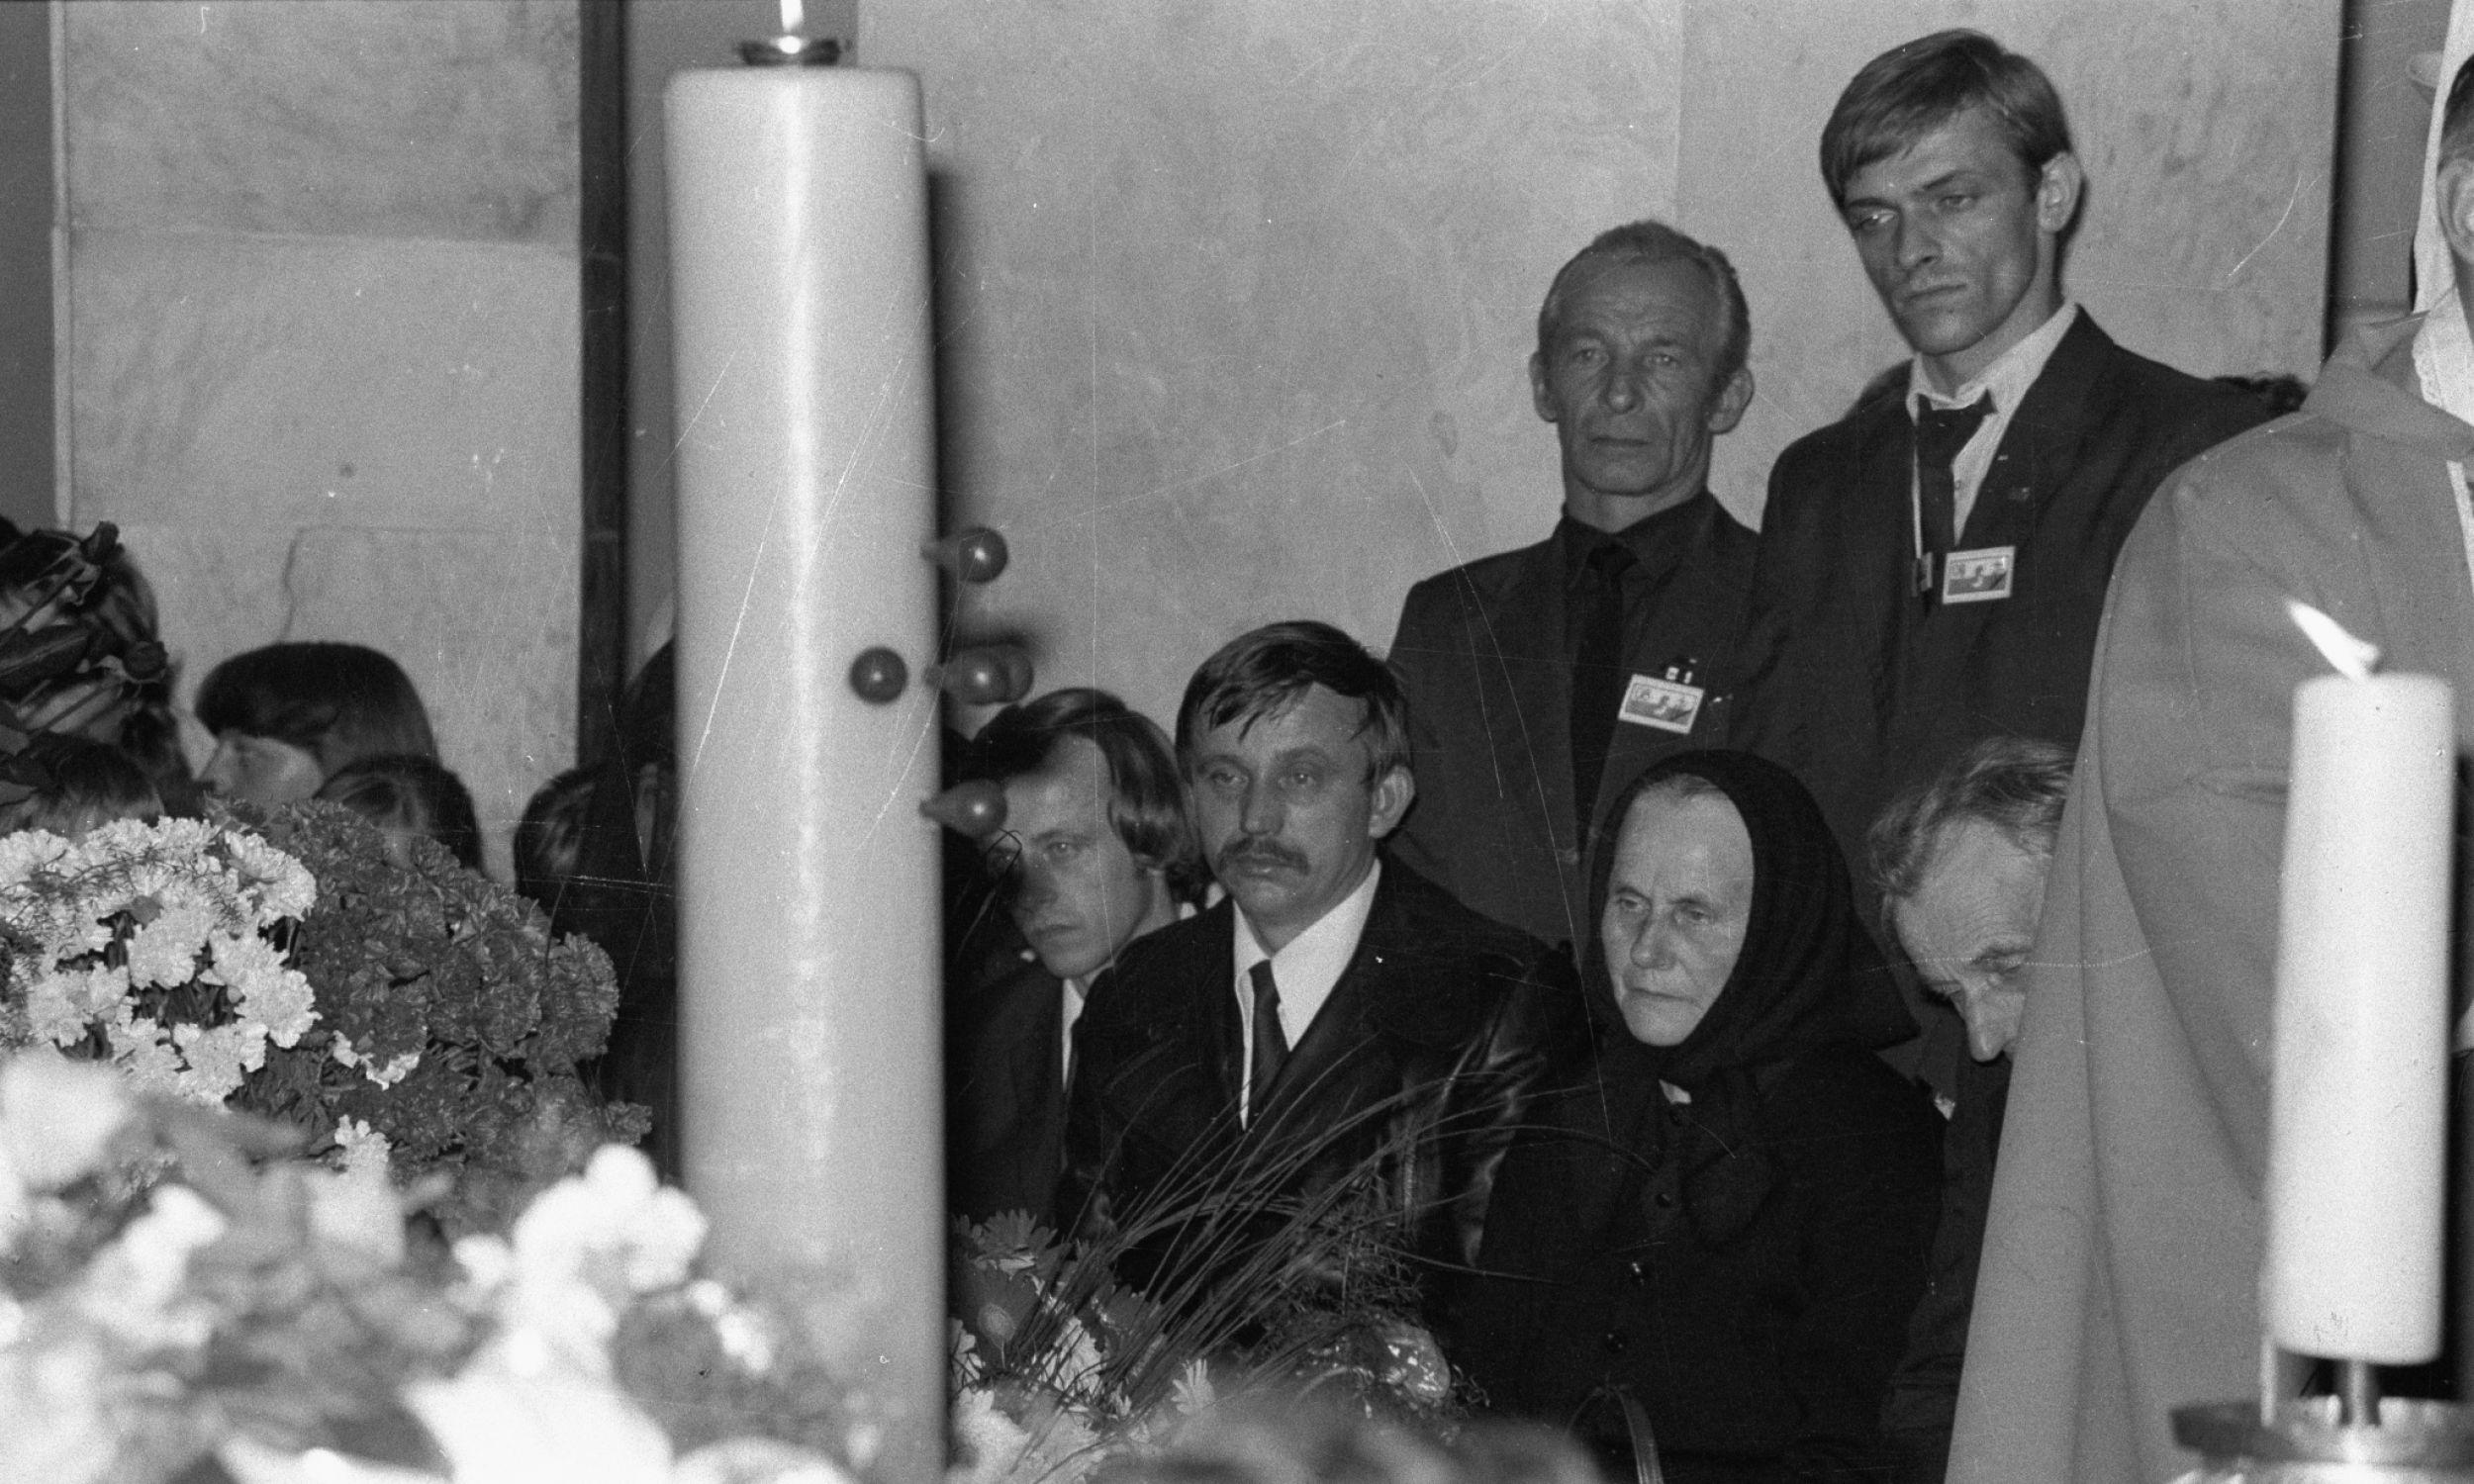 Rodzice, Marianna i Władysław Popiełuszkowie oraz dwaj bracia: Józef (trzeci z lewej) i Stanisław (czwarty z lewej) czuwają przy trumnie ks. Jerzego. Fot. PAP/CAF